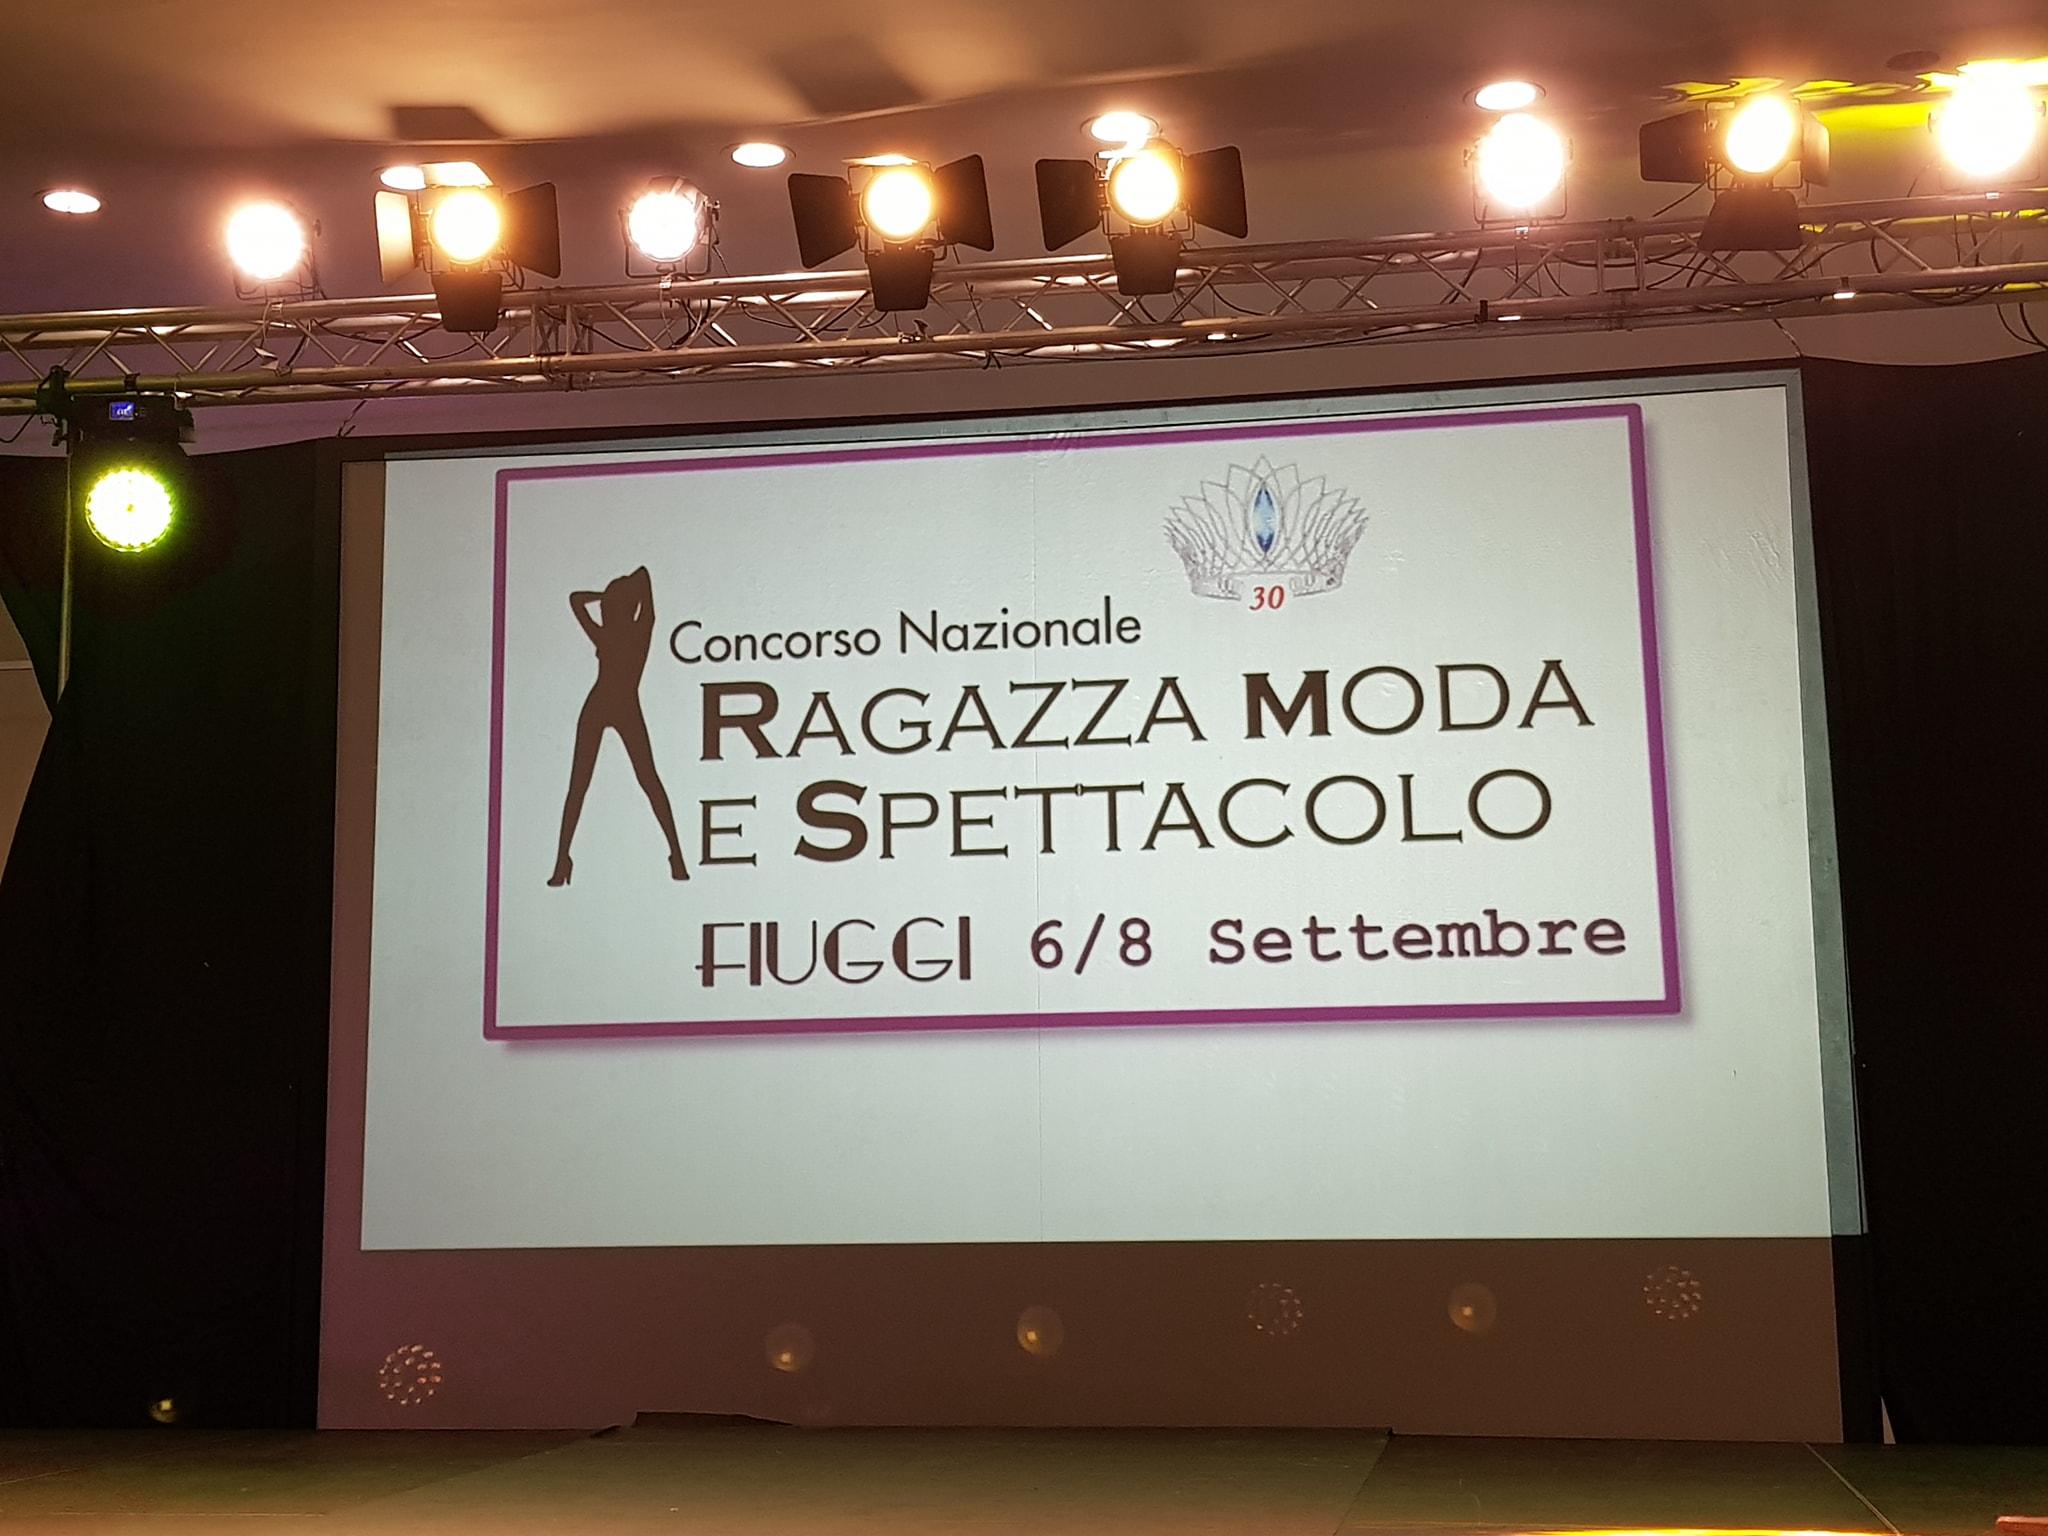 Ragazza moda e Spettacolo - Fiuggi, 2018